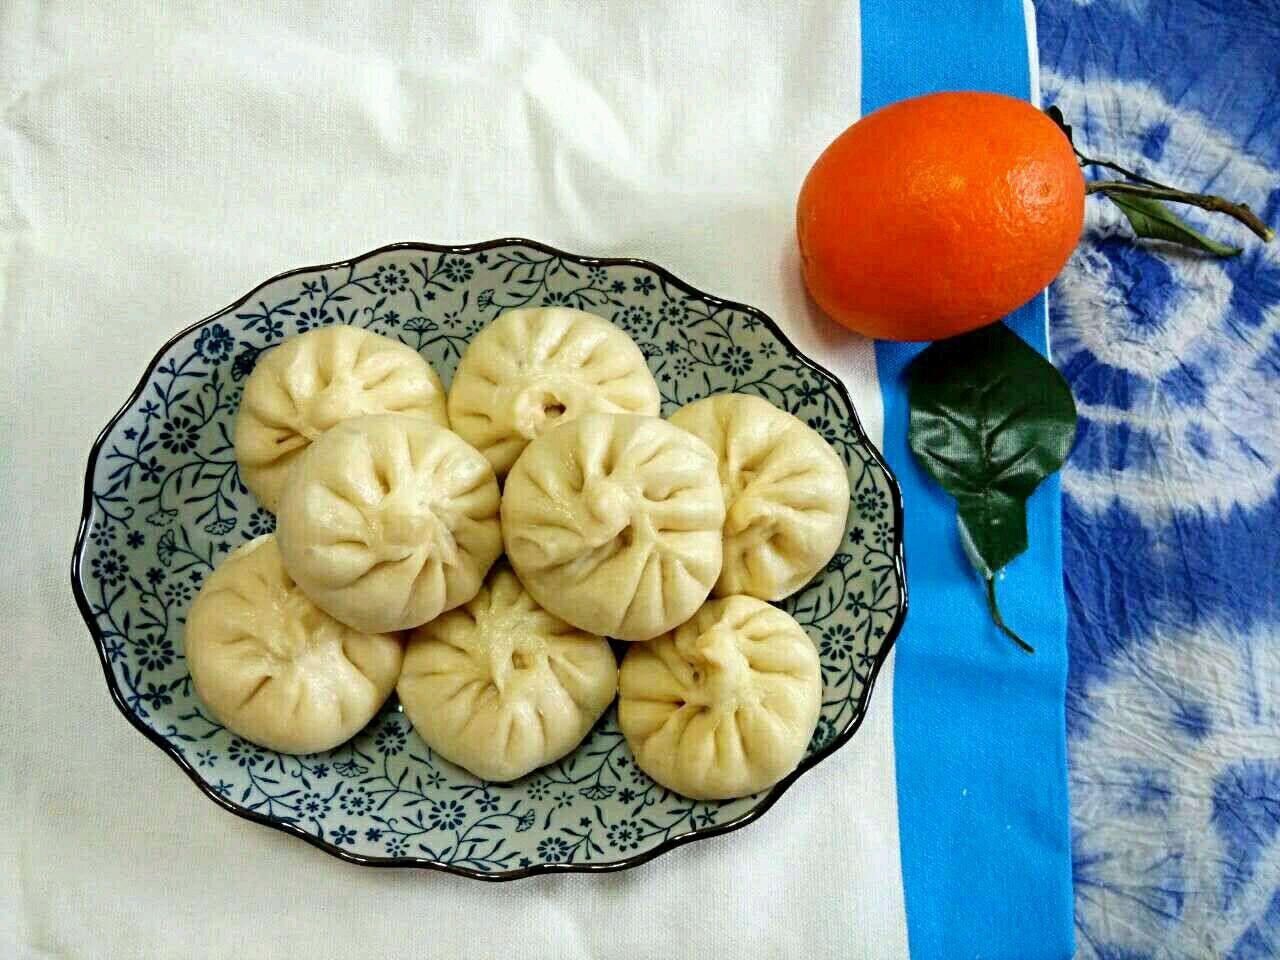 牛肉粉丝馅包子#盛年锦食·忆年味#的做法图解22